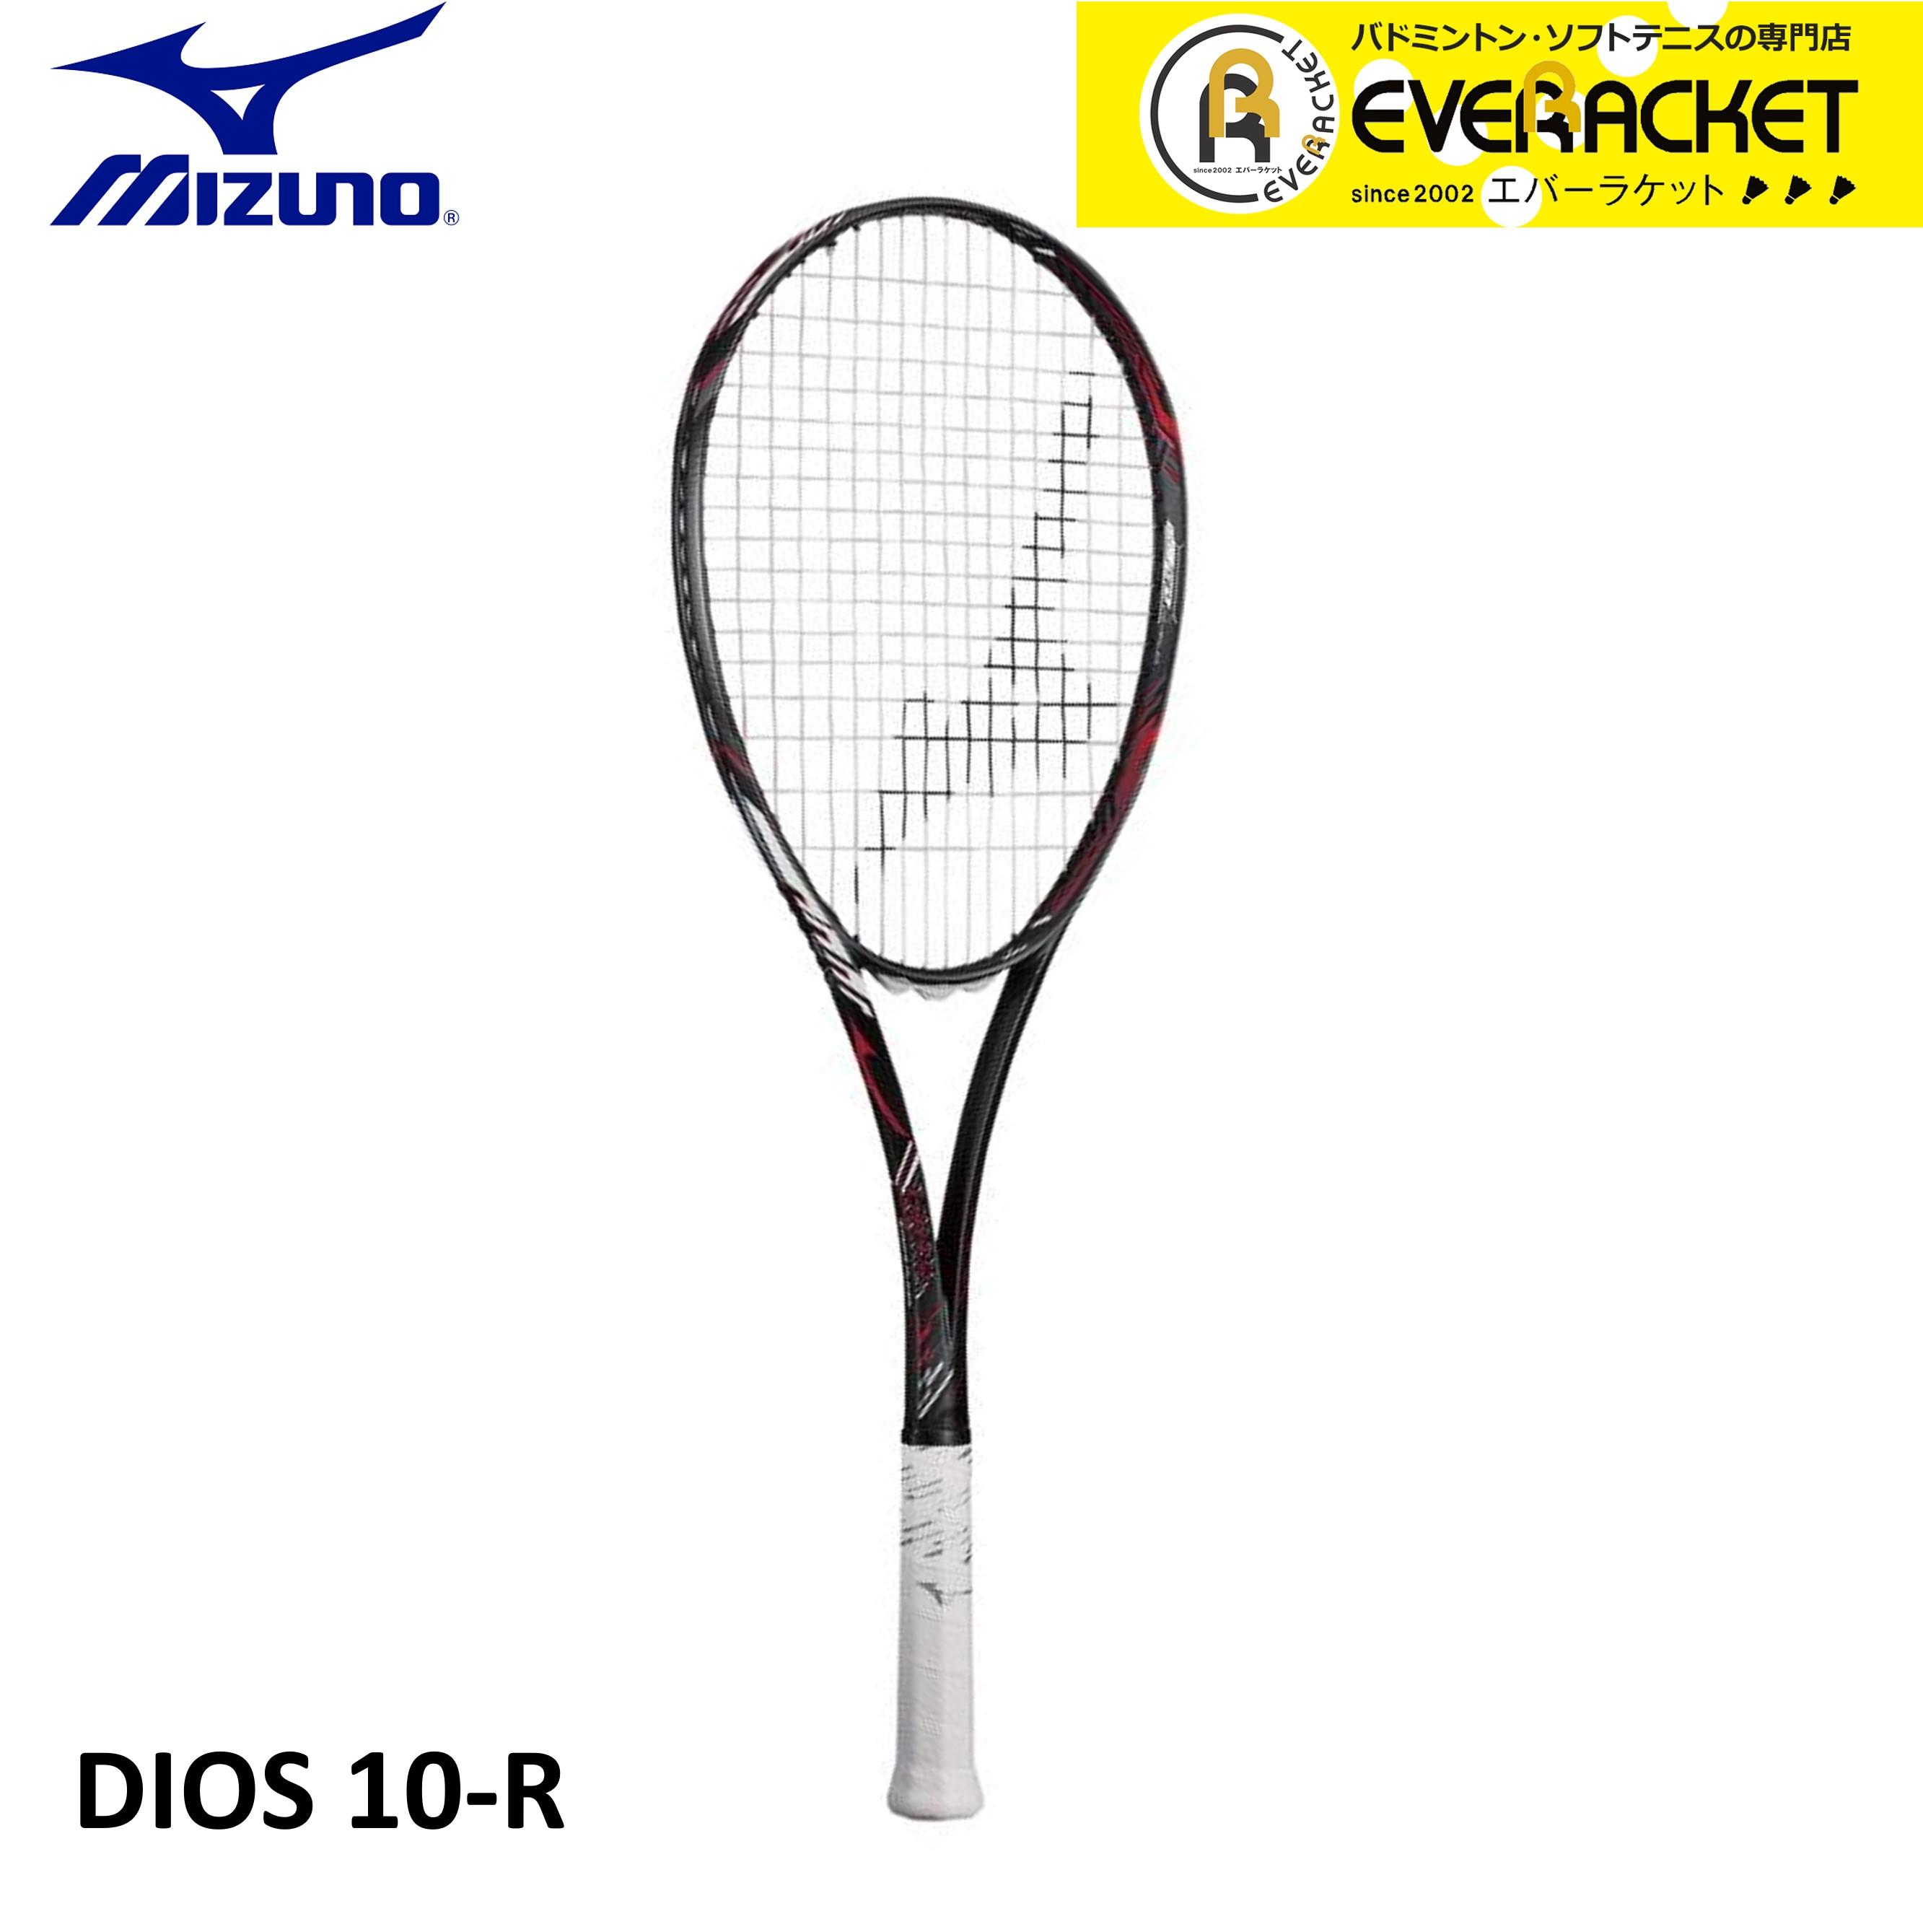 ミズノ MIZUNO ソフトテニスラケット DIOS 10-R 63JTN06362 ソフトテニス